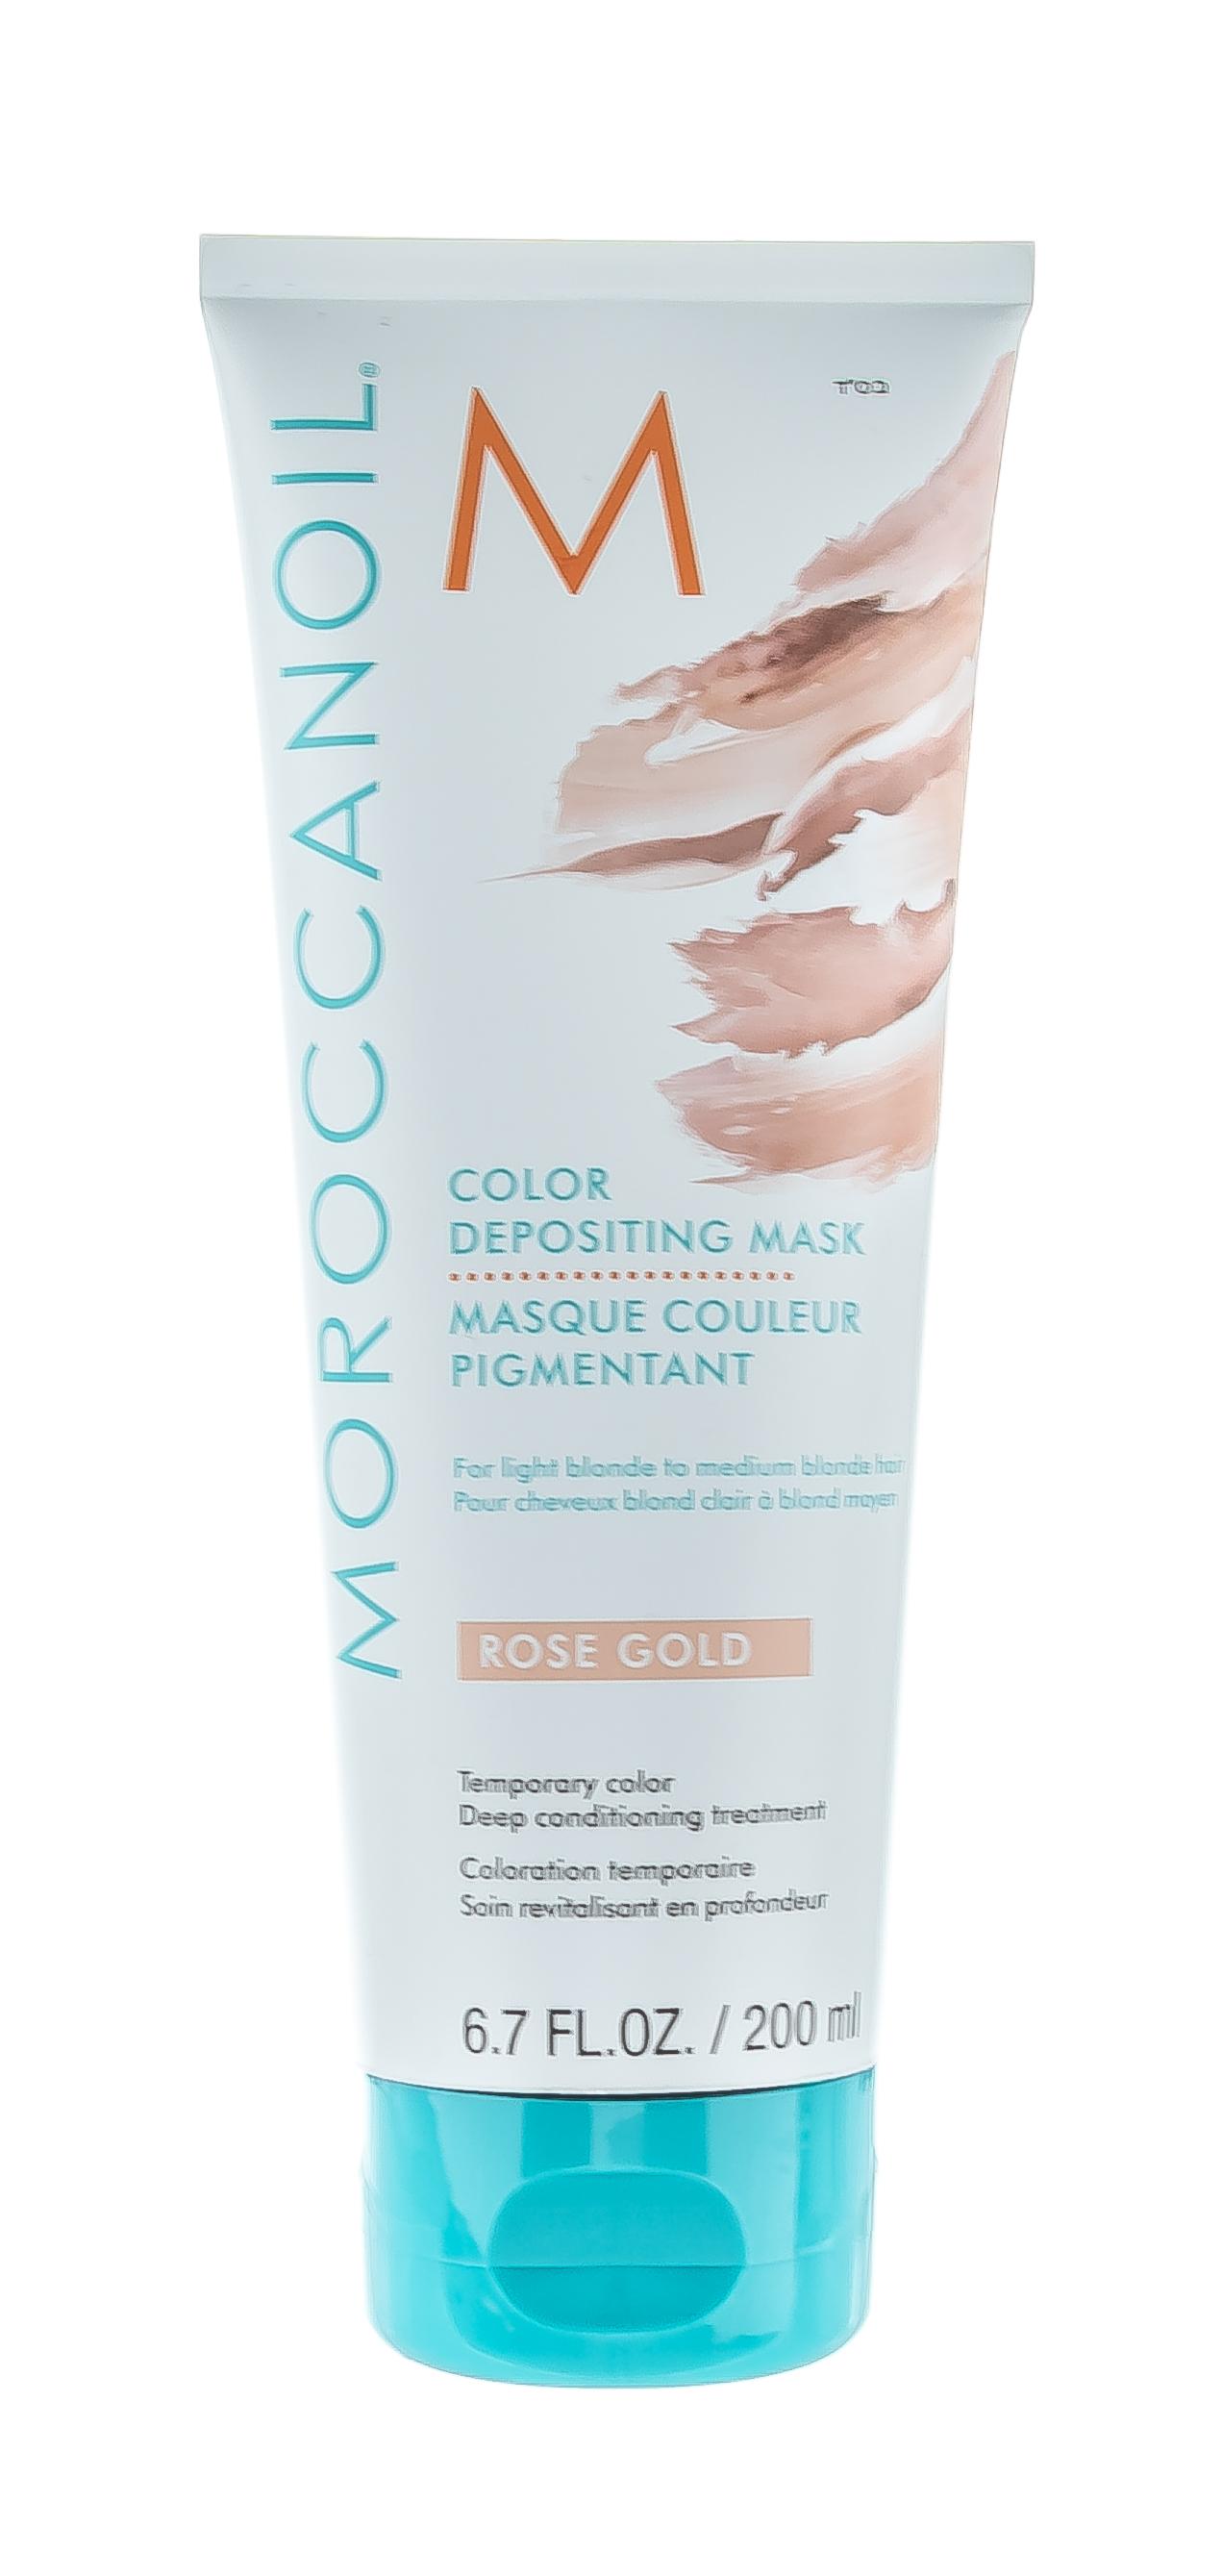 Купить Moroccanoil Тонирующая маска для волос тон Rose Gold, 200 мл (Moroccanoil, Color)